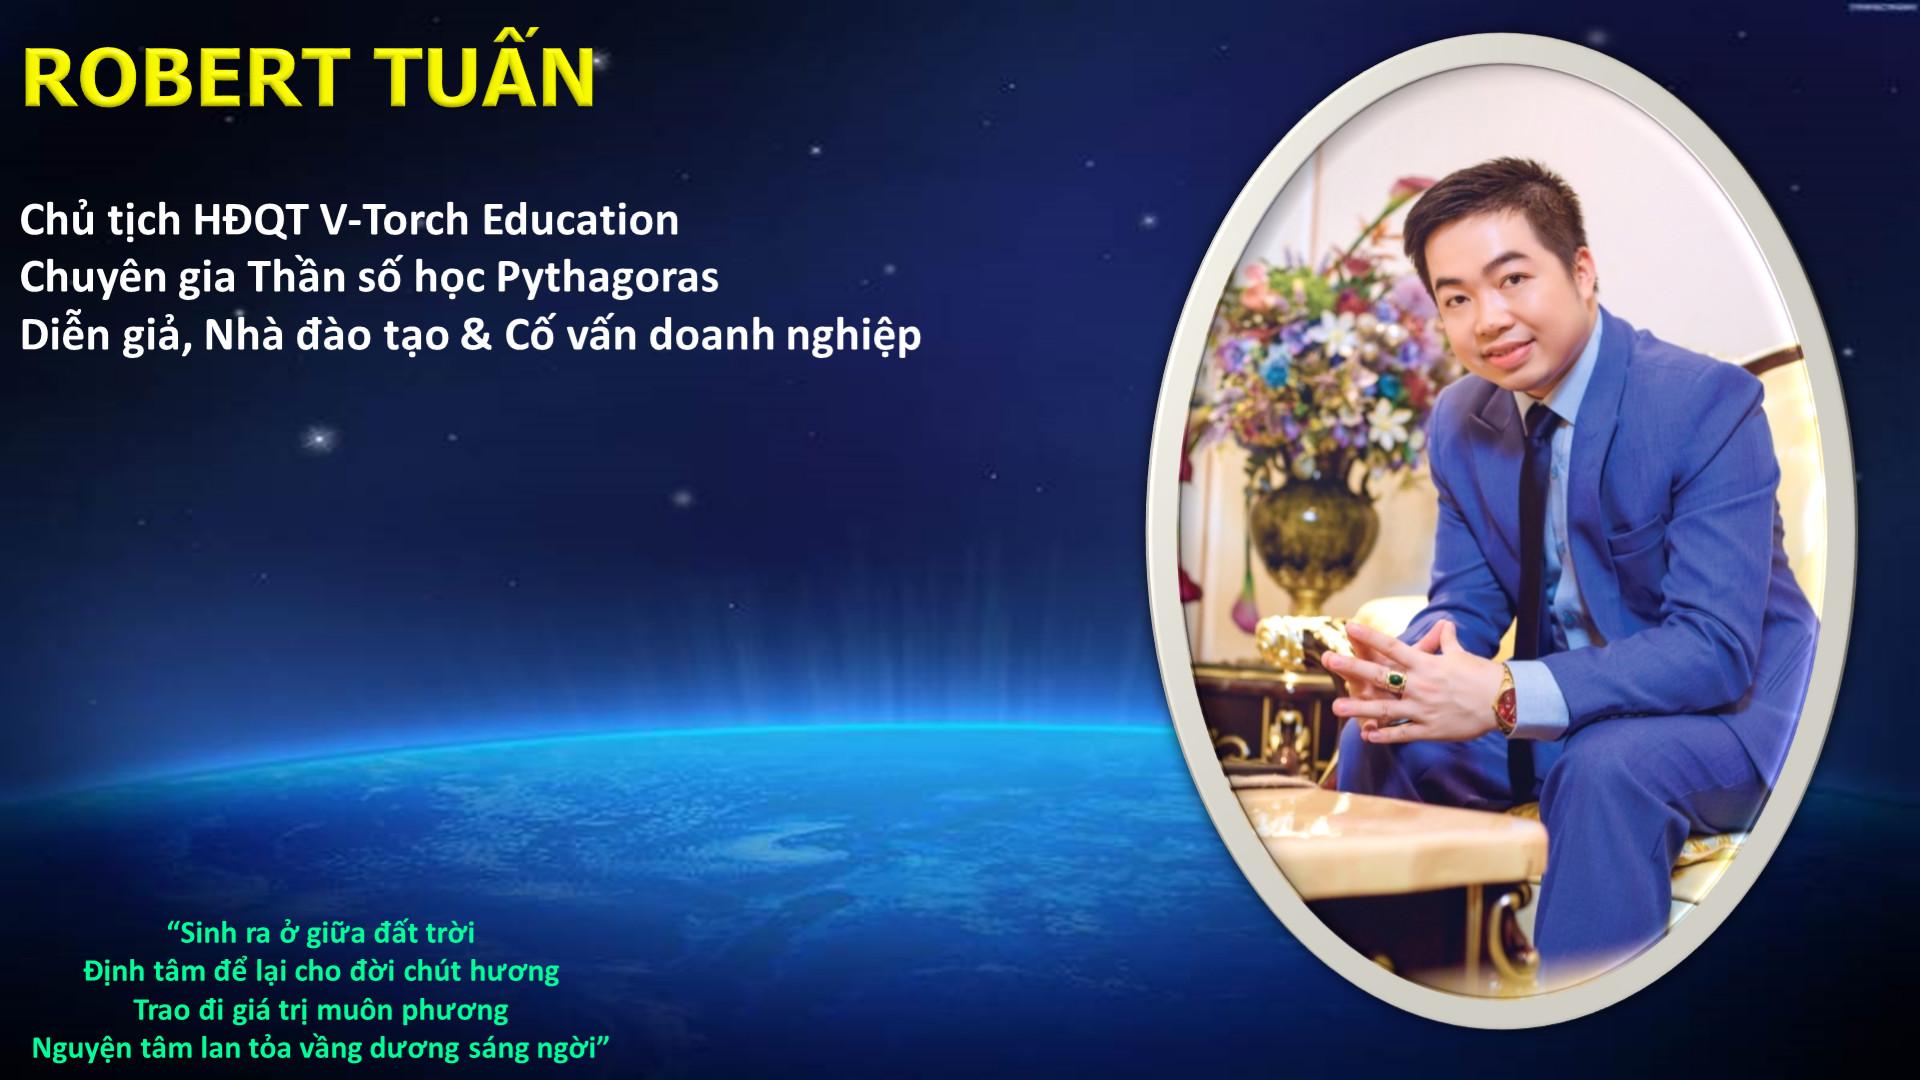 Diễn giả Robert Tuấn mang giá trị tri thức về quê hương Bắc Giang thân yêu